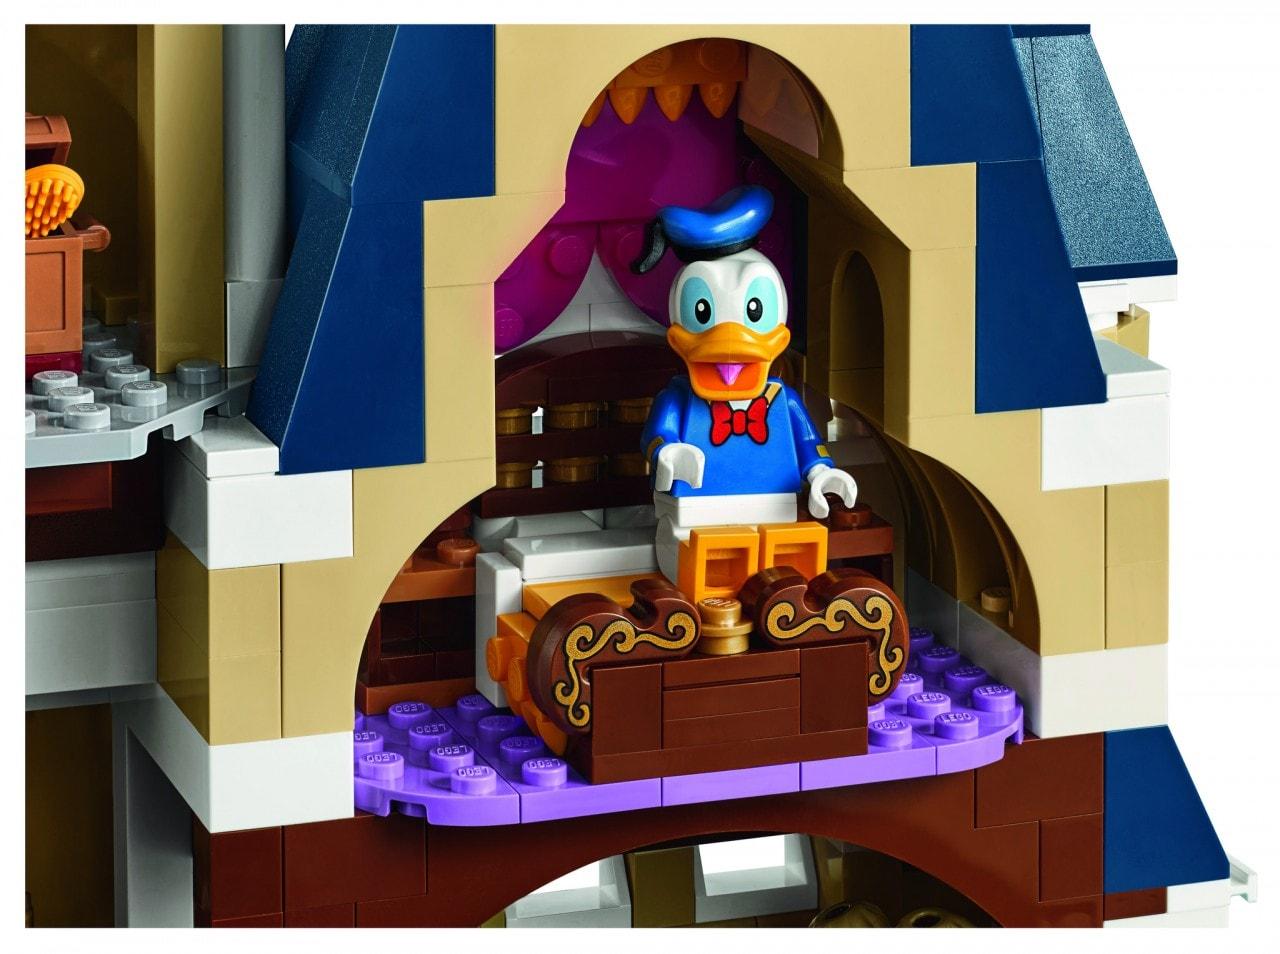 LEGO 71040 The Disney Castle dettagli - 7